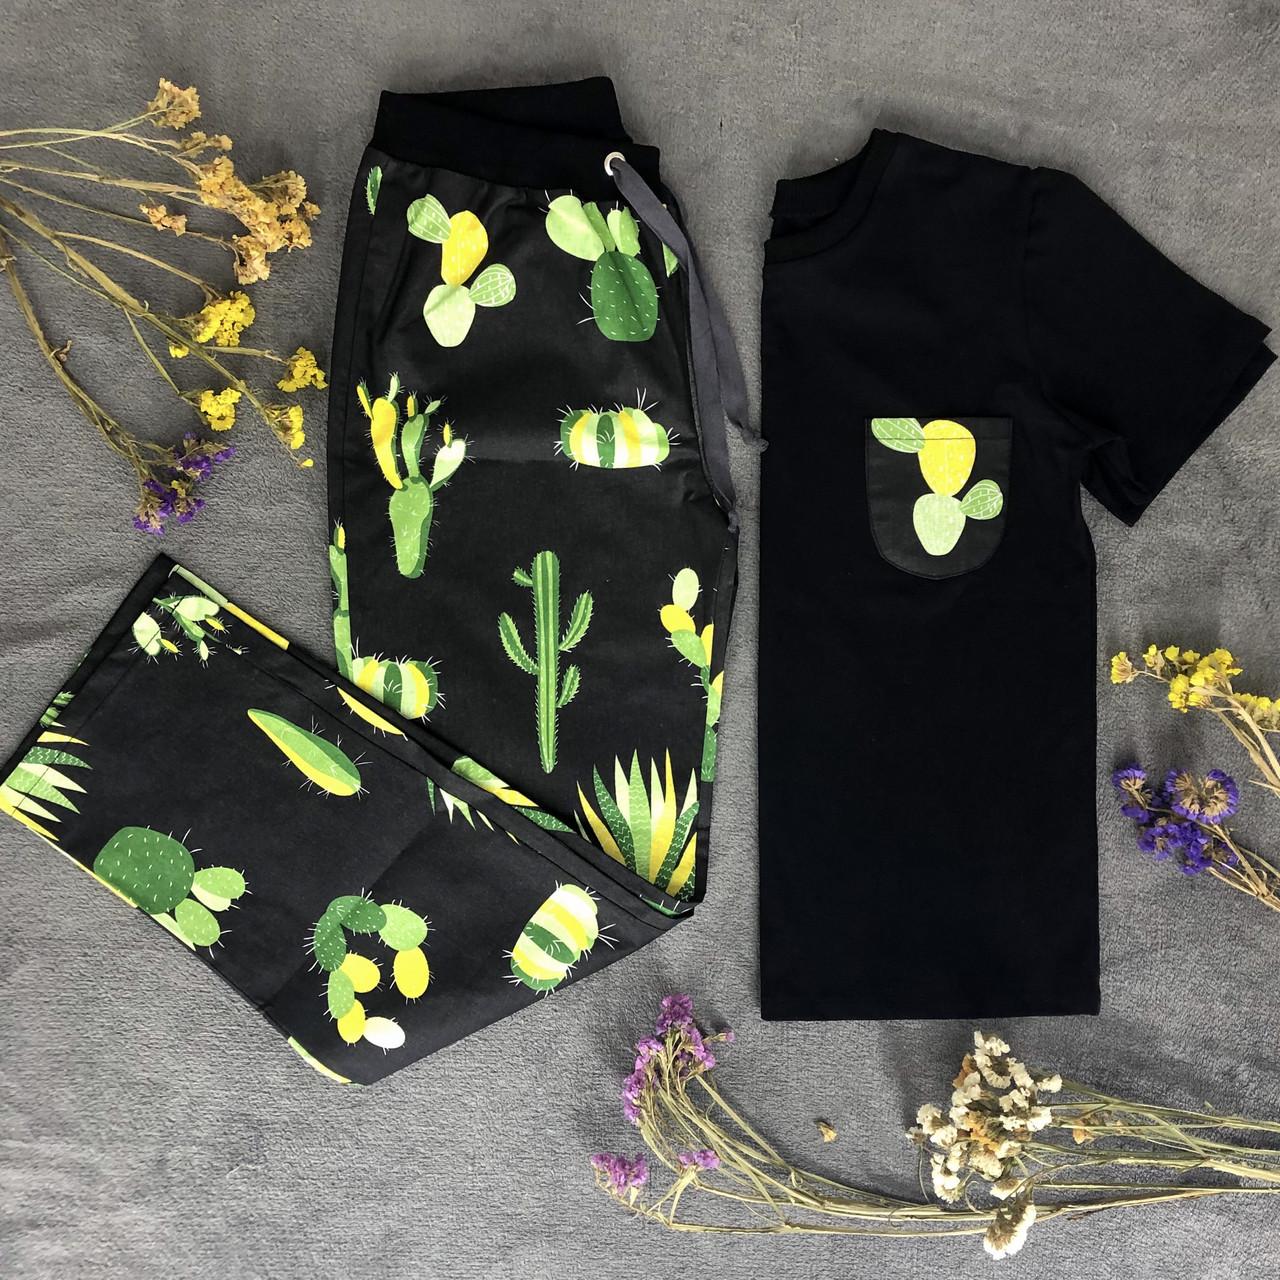 Мужской домашний костюм, мужская пижама (футболка и брюки) черная Кактусы, размер M